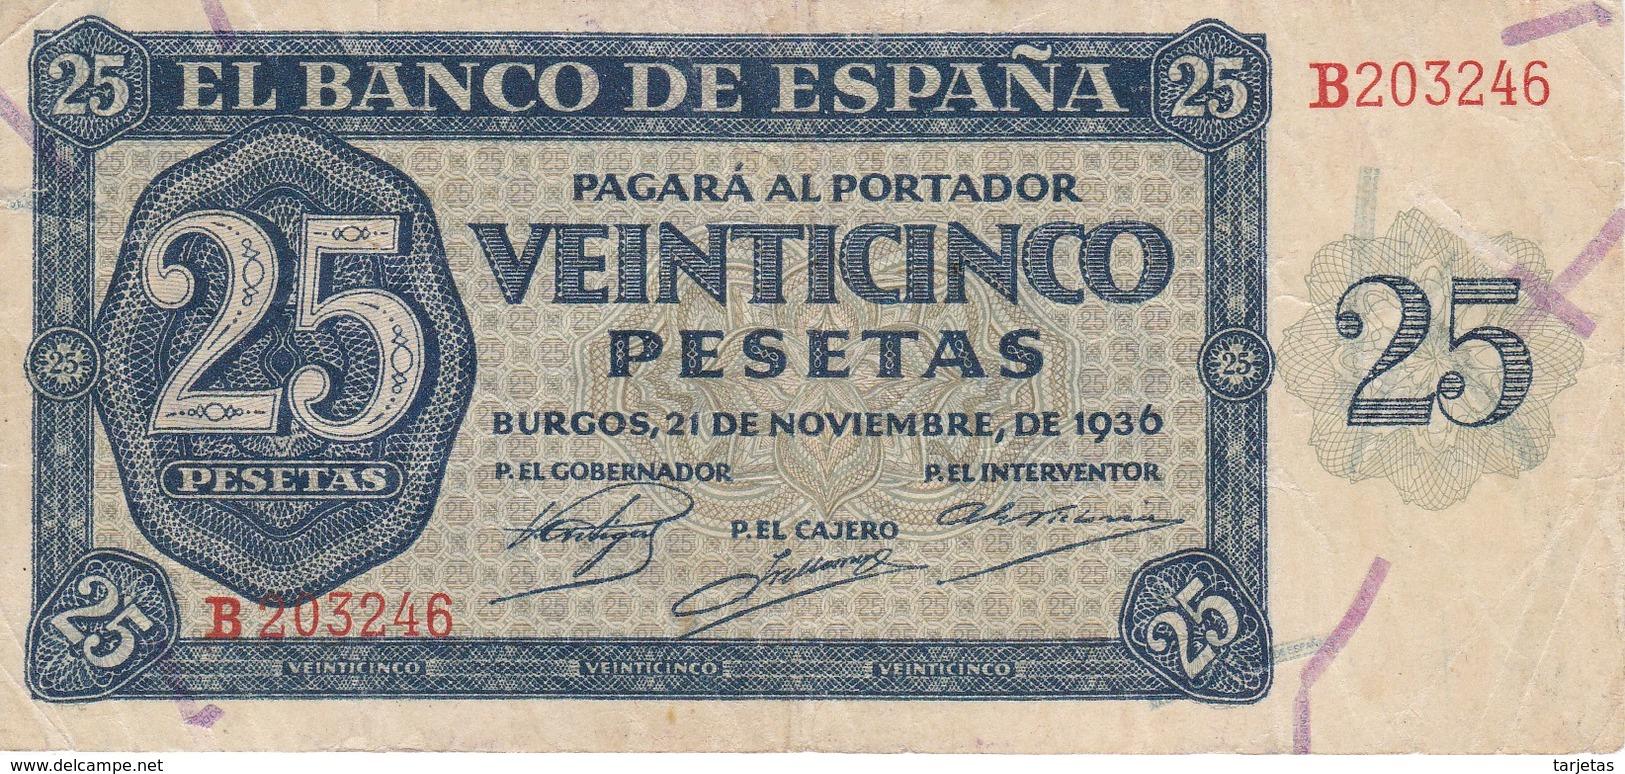 BILLETE DE ESPAÑA DE 25 PTAS DEL 21/11/1936 SERIE B CALIDAD  MBC (VF) (BANKNOTE) - [ 3] 1936-1975 : Regime Di Franco